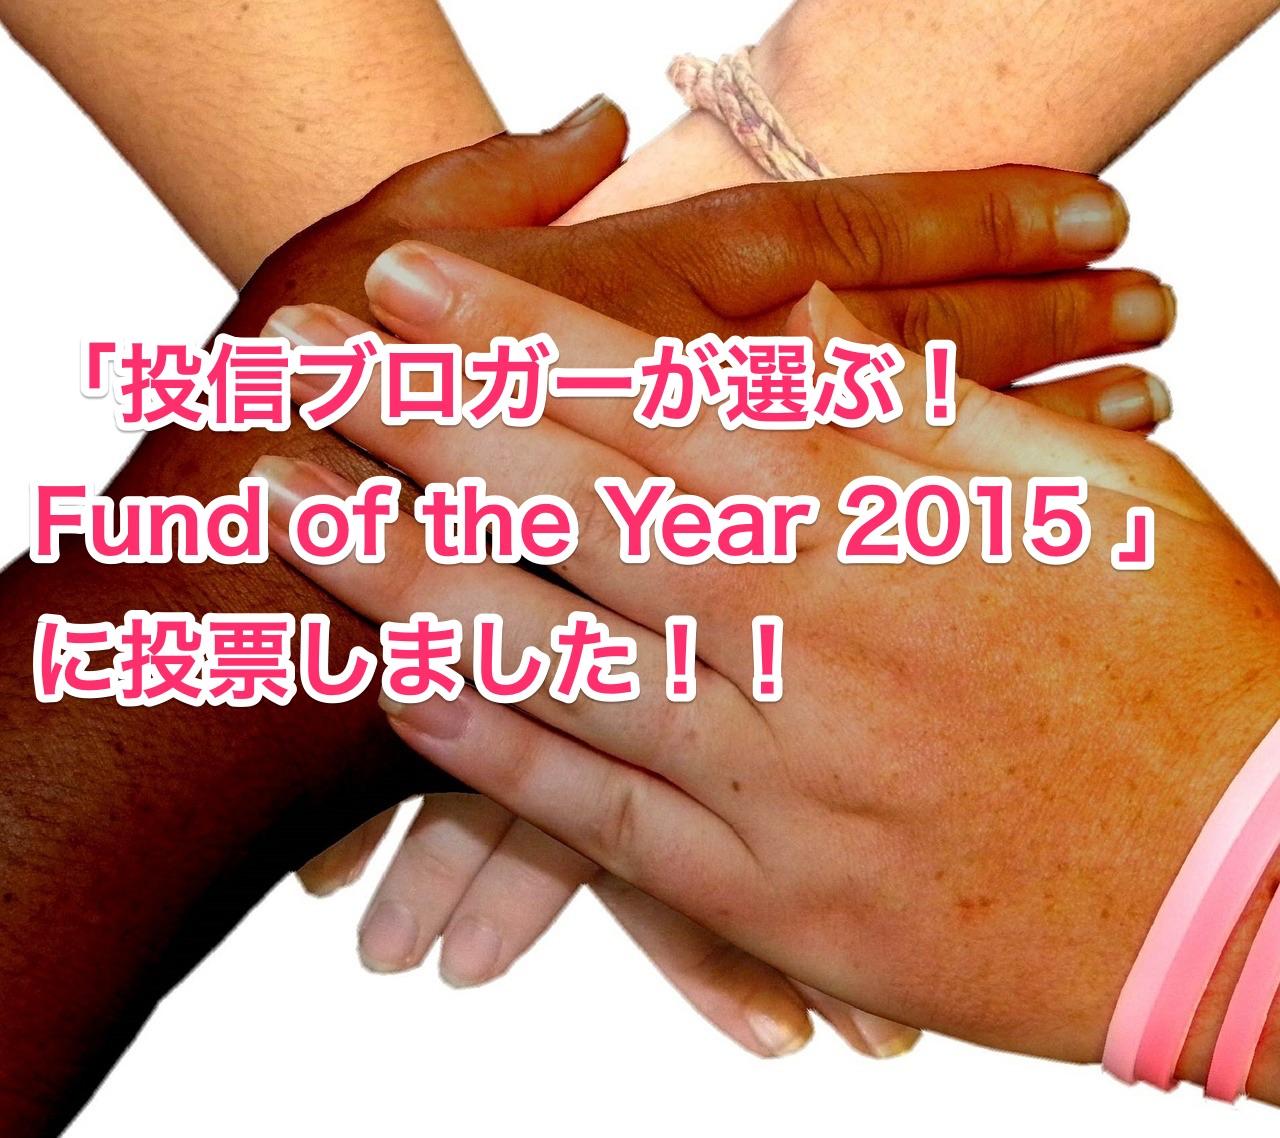 投信ブロガーが選ぶ! Fund of the Year 2015